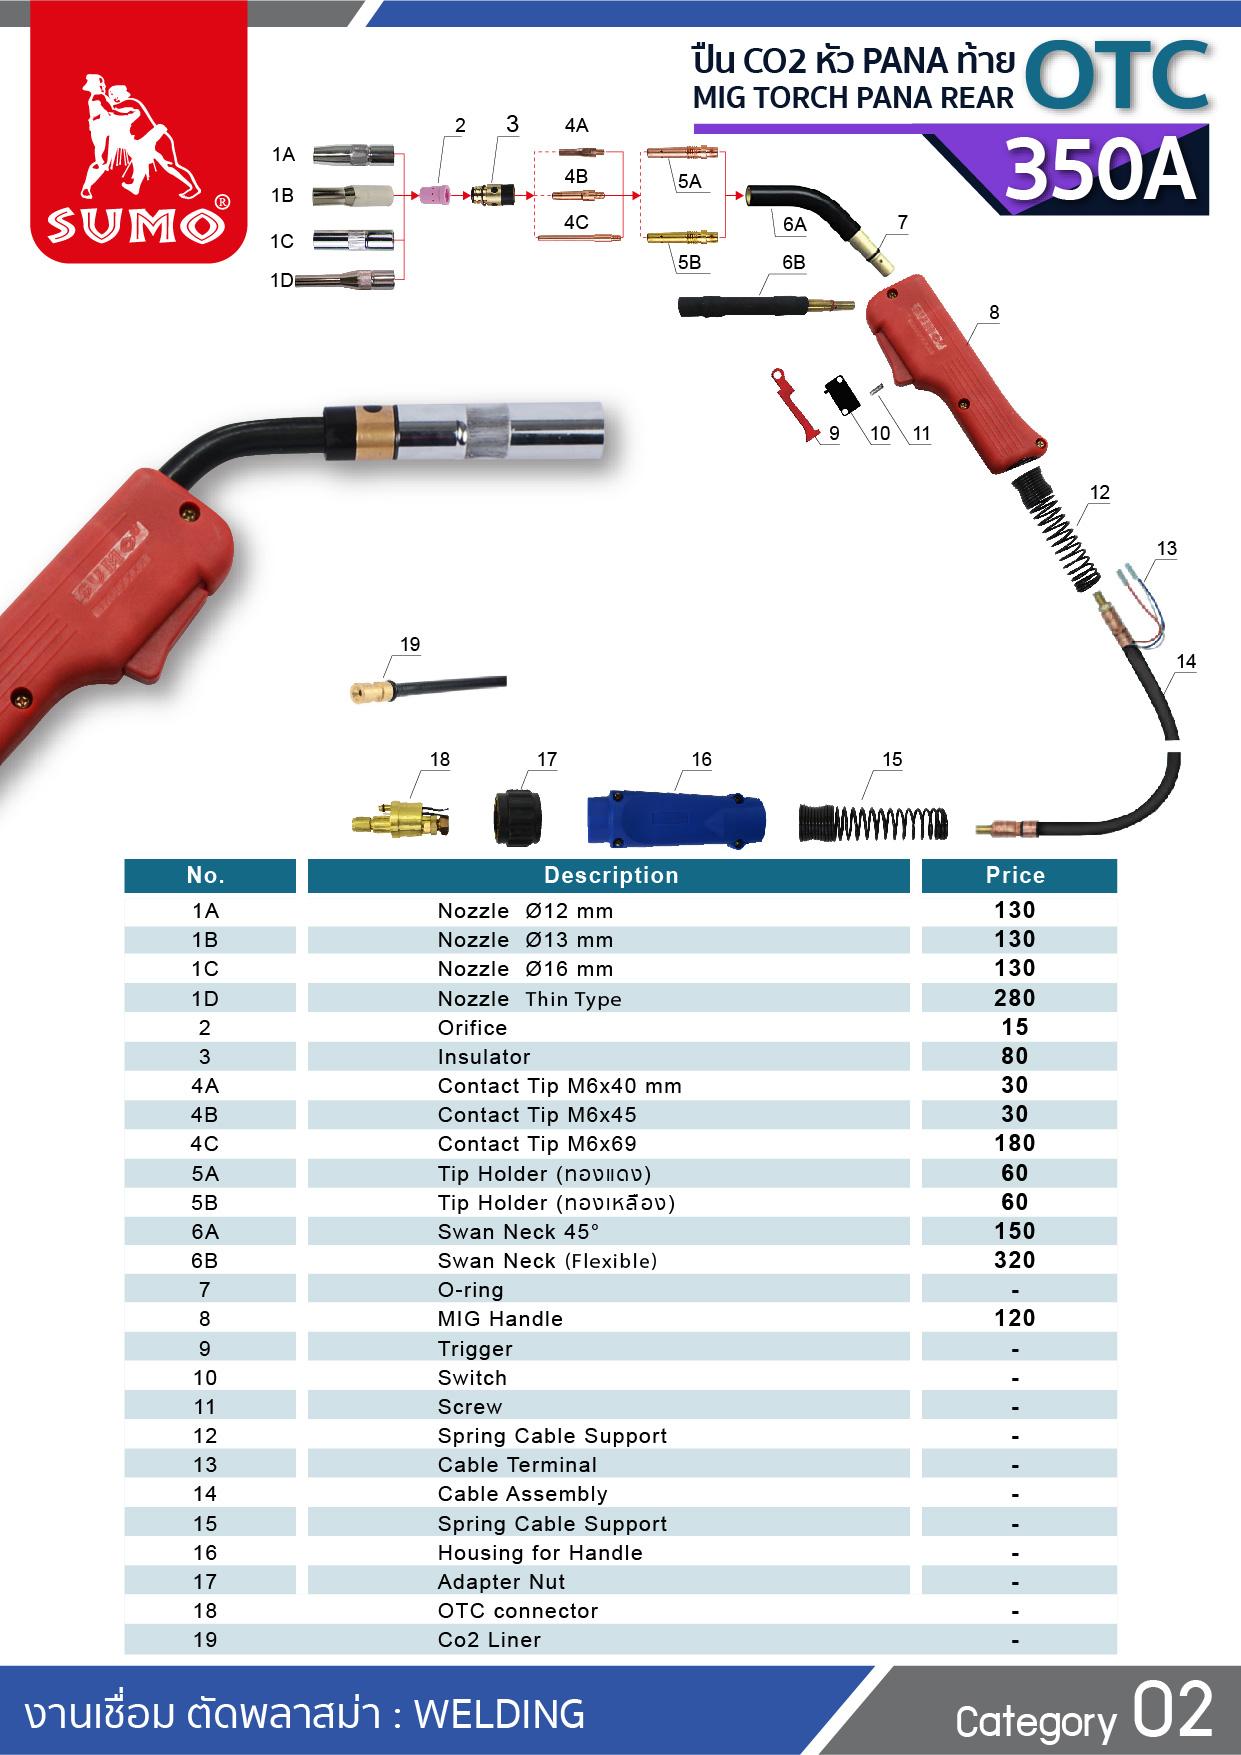 (167/277) ปืน CO2 PANA 350A OTC Tail